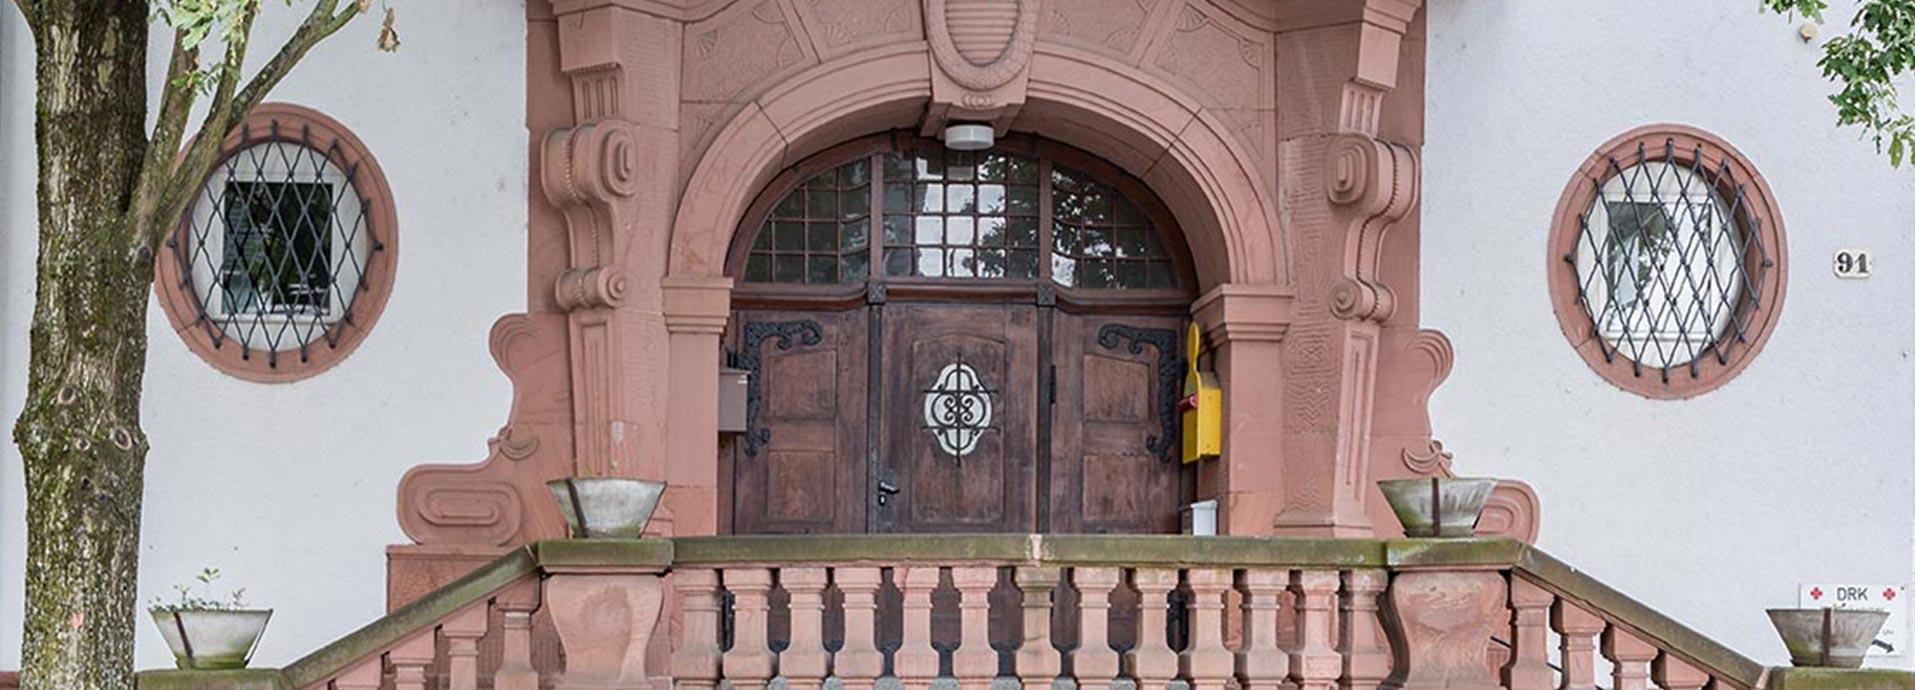 buerkert_immobilien_objekte_rodensteinschule_bensheim_startseite_slider